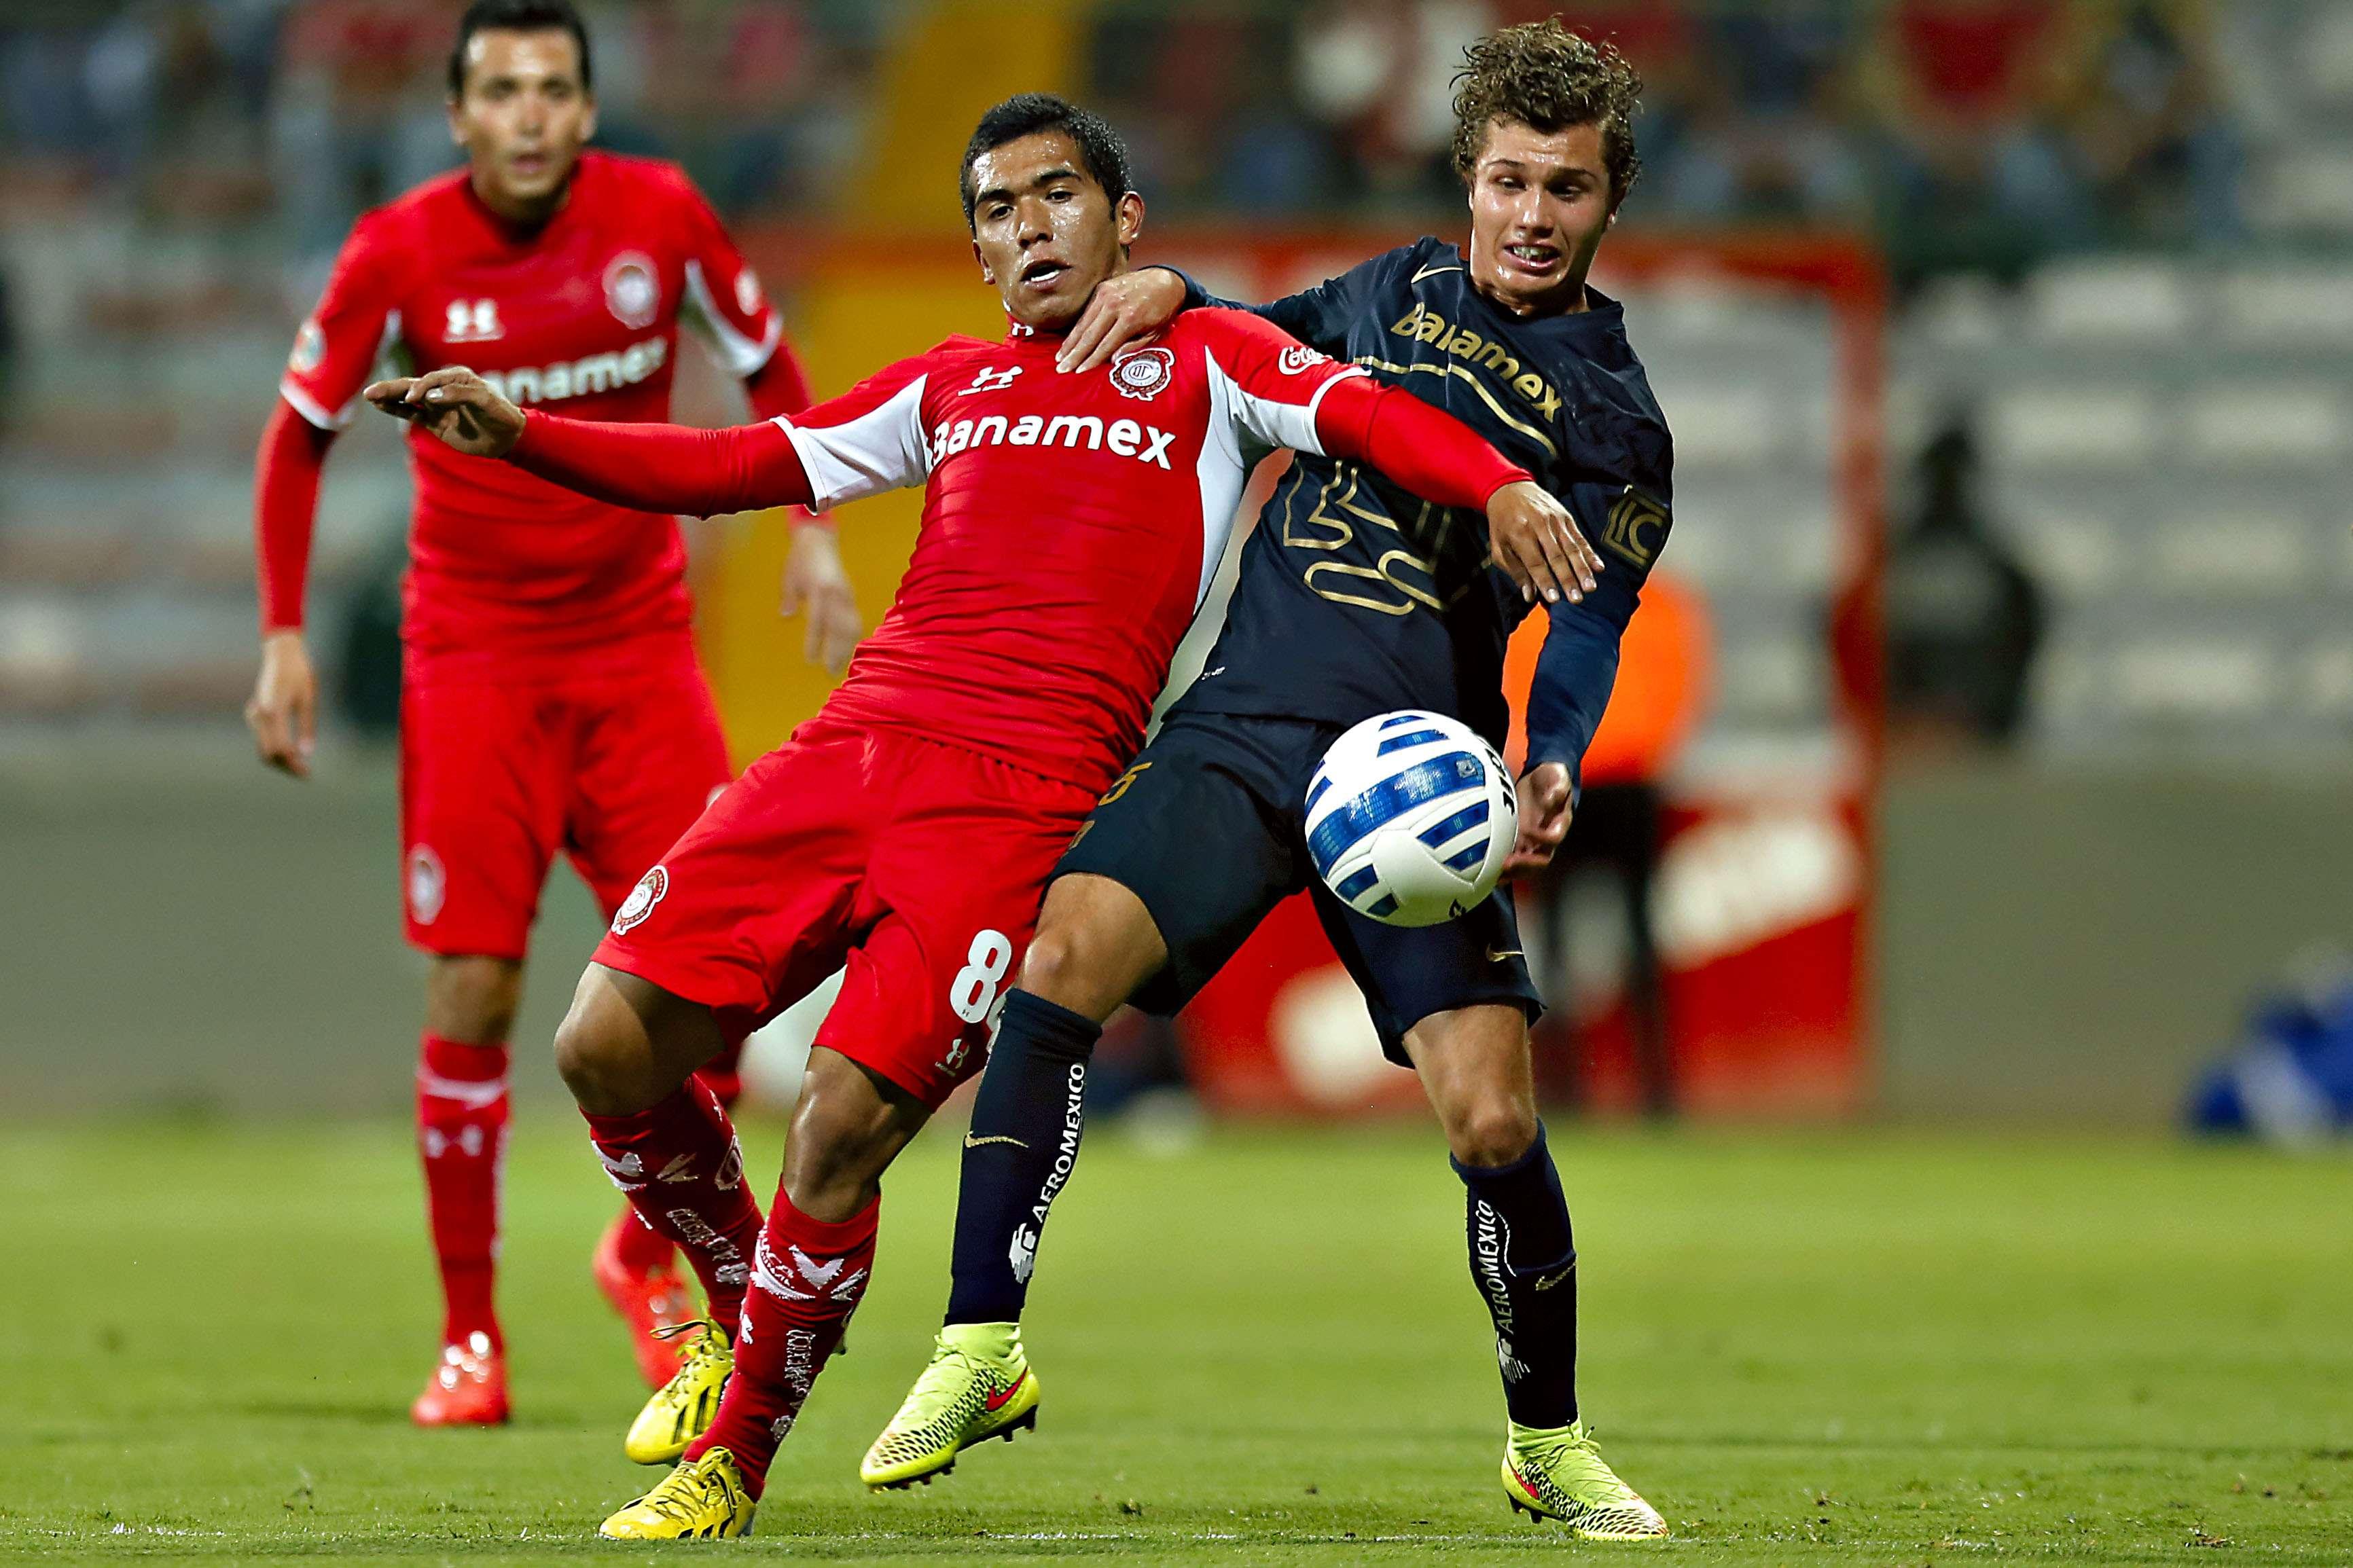 Con goles de Jerónimo Amione y Emilio Orrantia, Toluca se impuso 2-1 a Pumas en el duelo de ida de la llave 3 de la Copa MX. Foto: Imago7